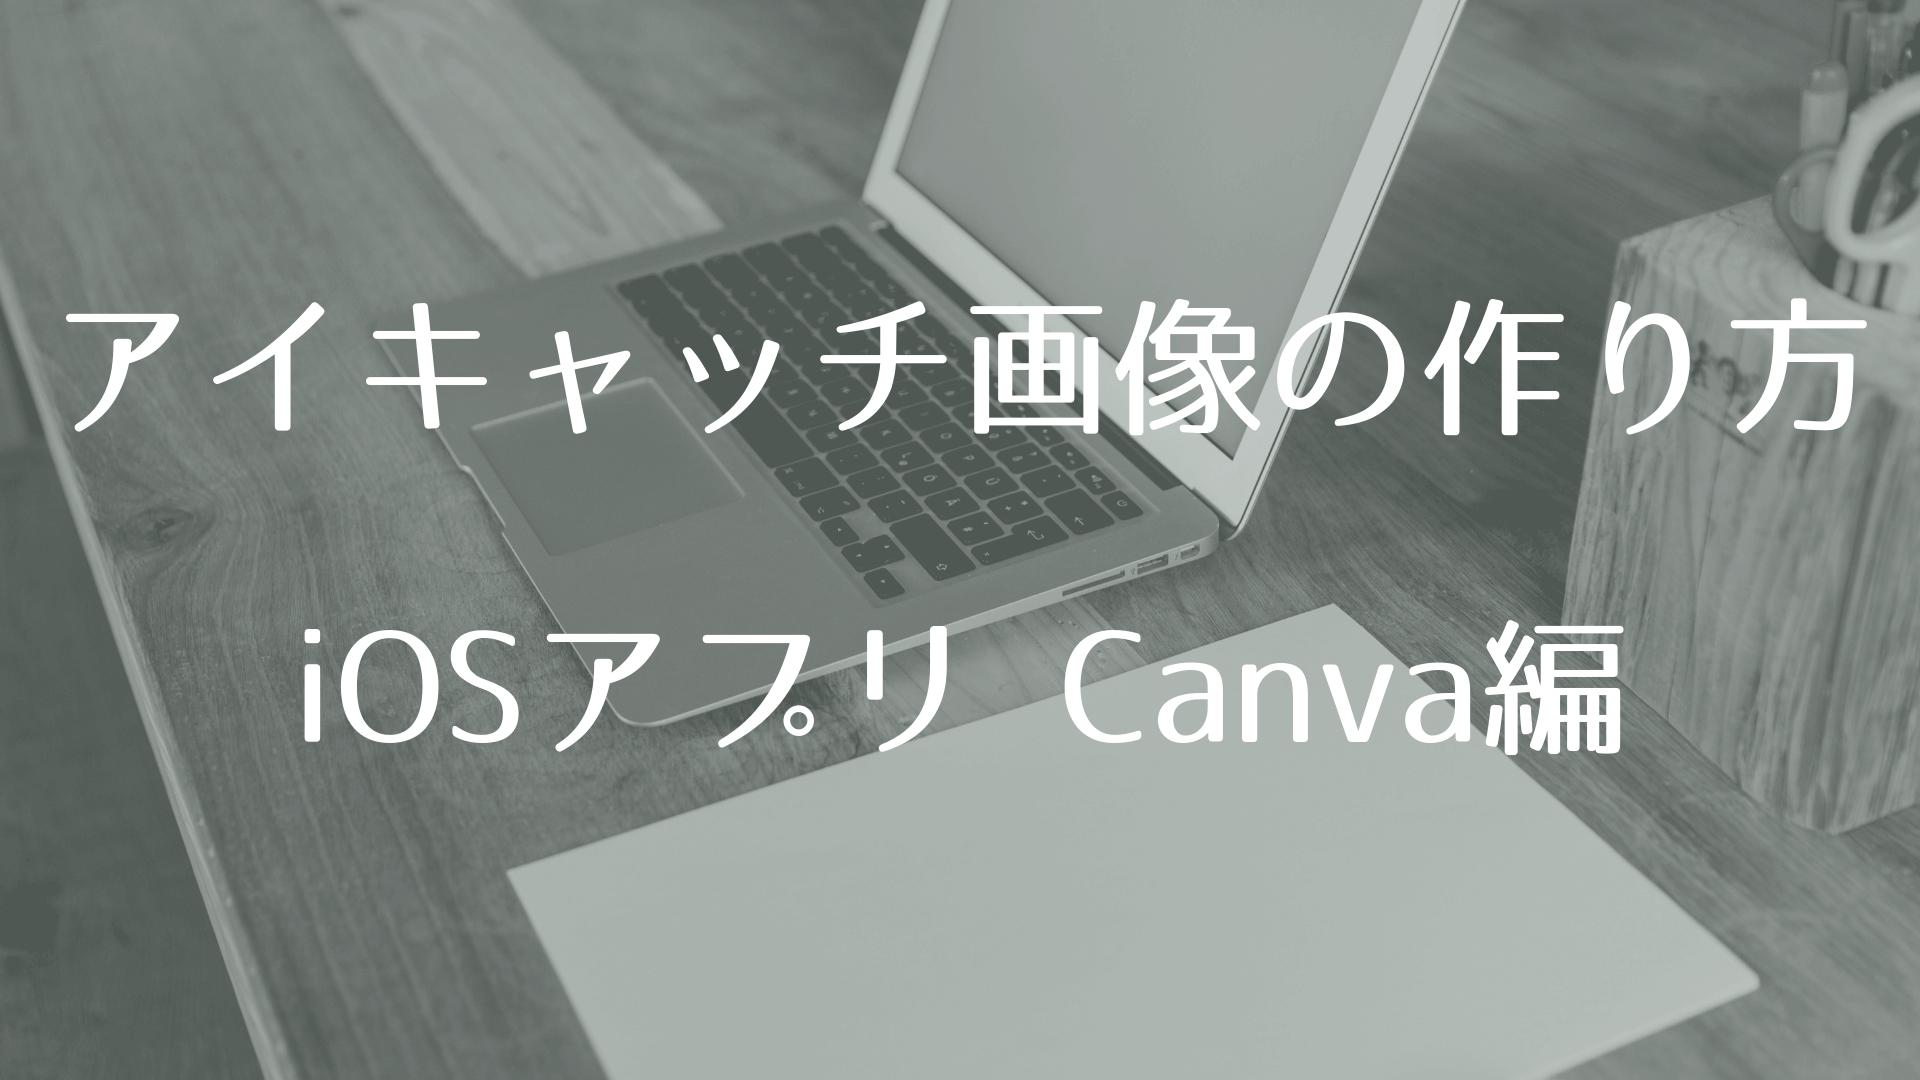 Canvaでアイキャッチ画像を作る方法12